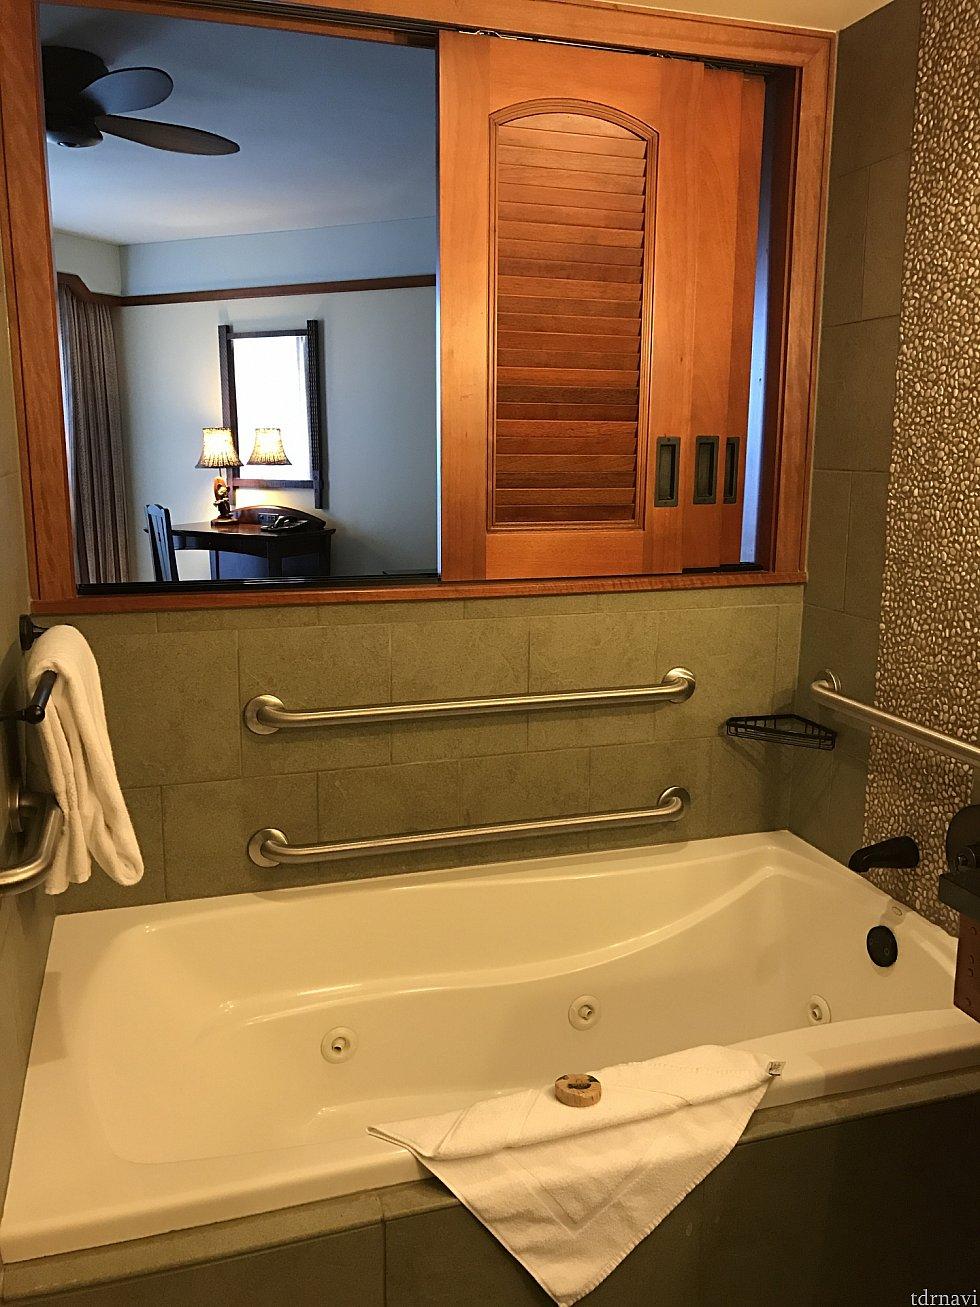 ジャクジー付きのお風呂これは2つ目のお部屋の方のお風呂です